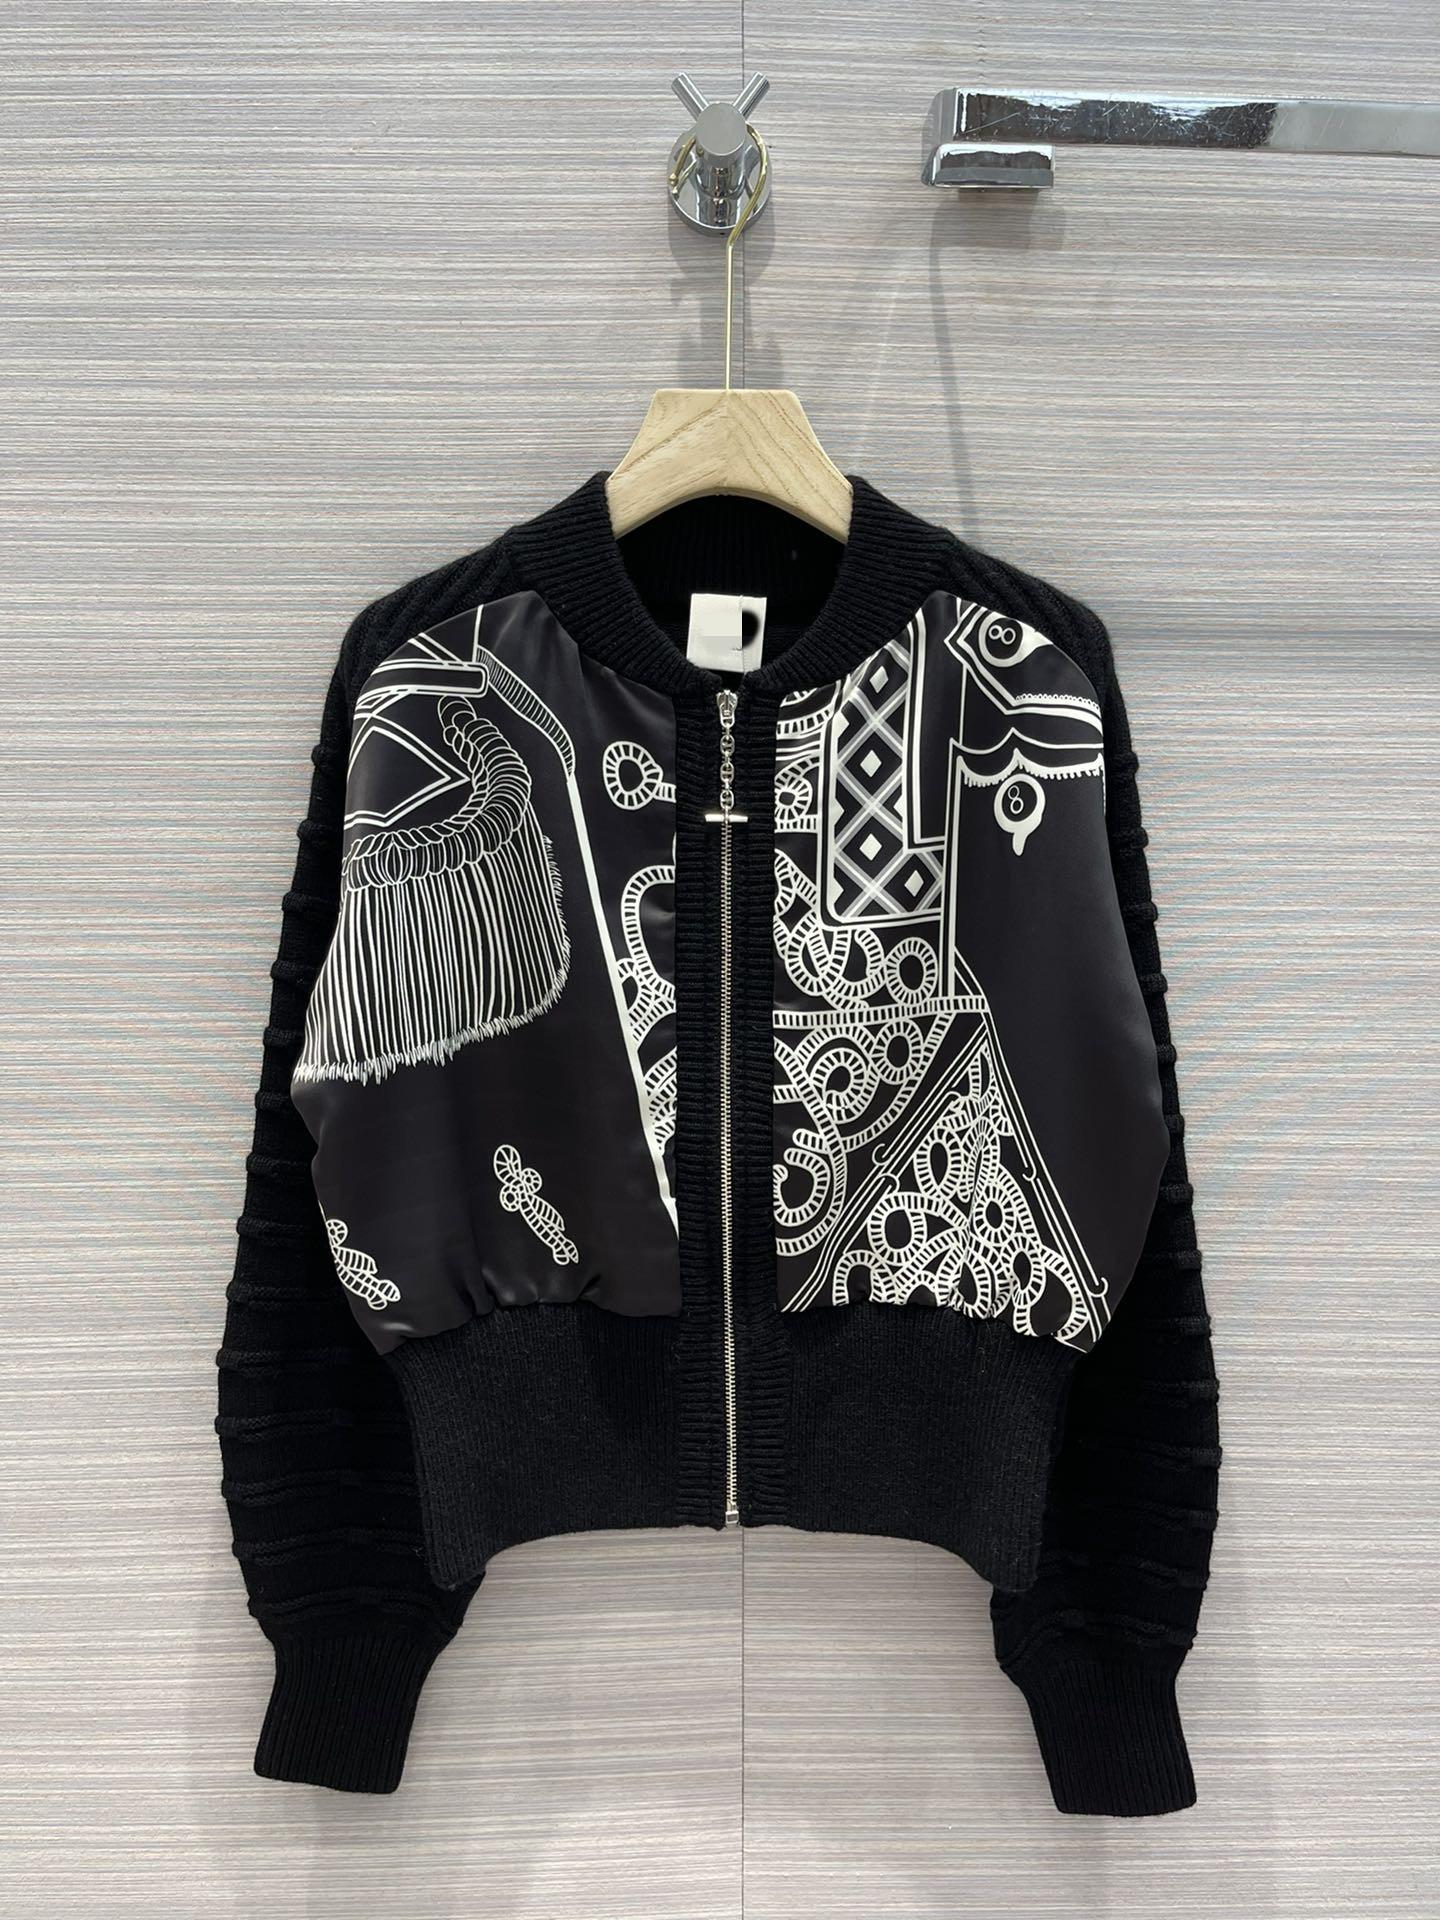 Milan Pist Ceketler 2021 Sonbahar Uzun Kollu O Boyun Panelli Baskı Kadın Tasarımcısı Marka Aynı Stil Coats 0706-3